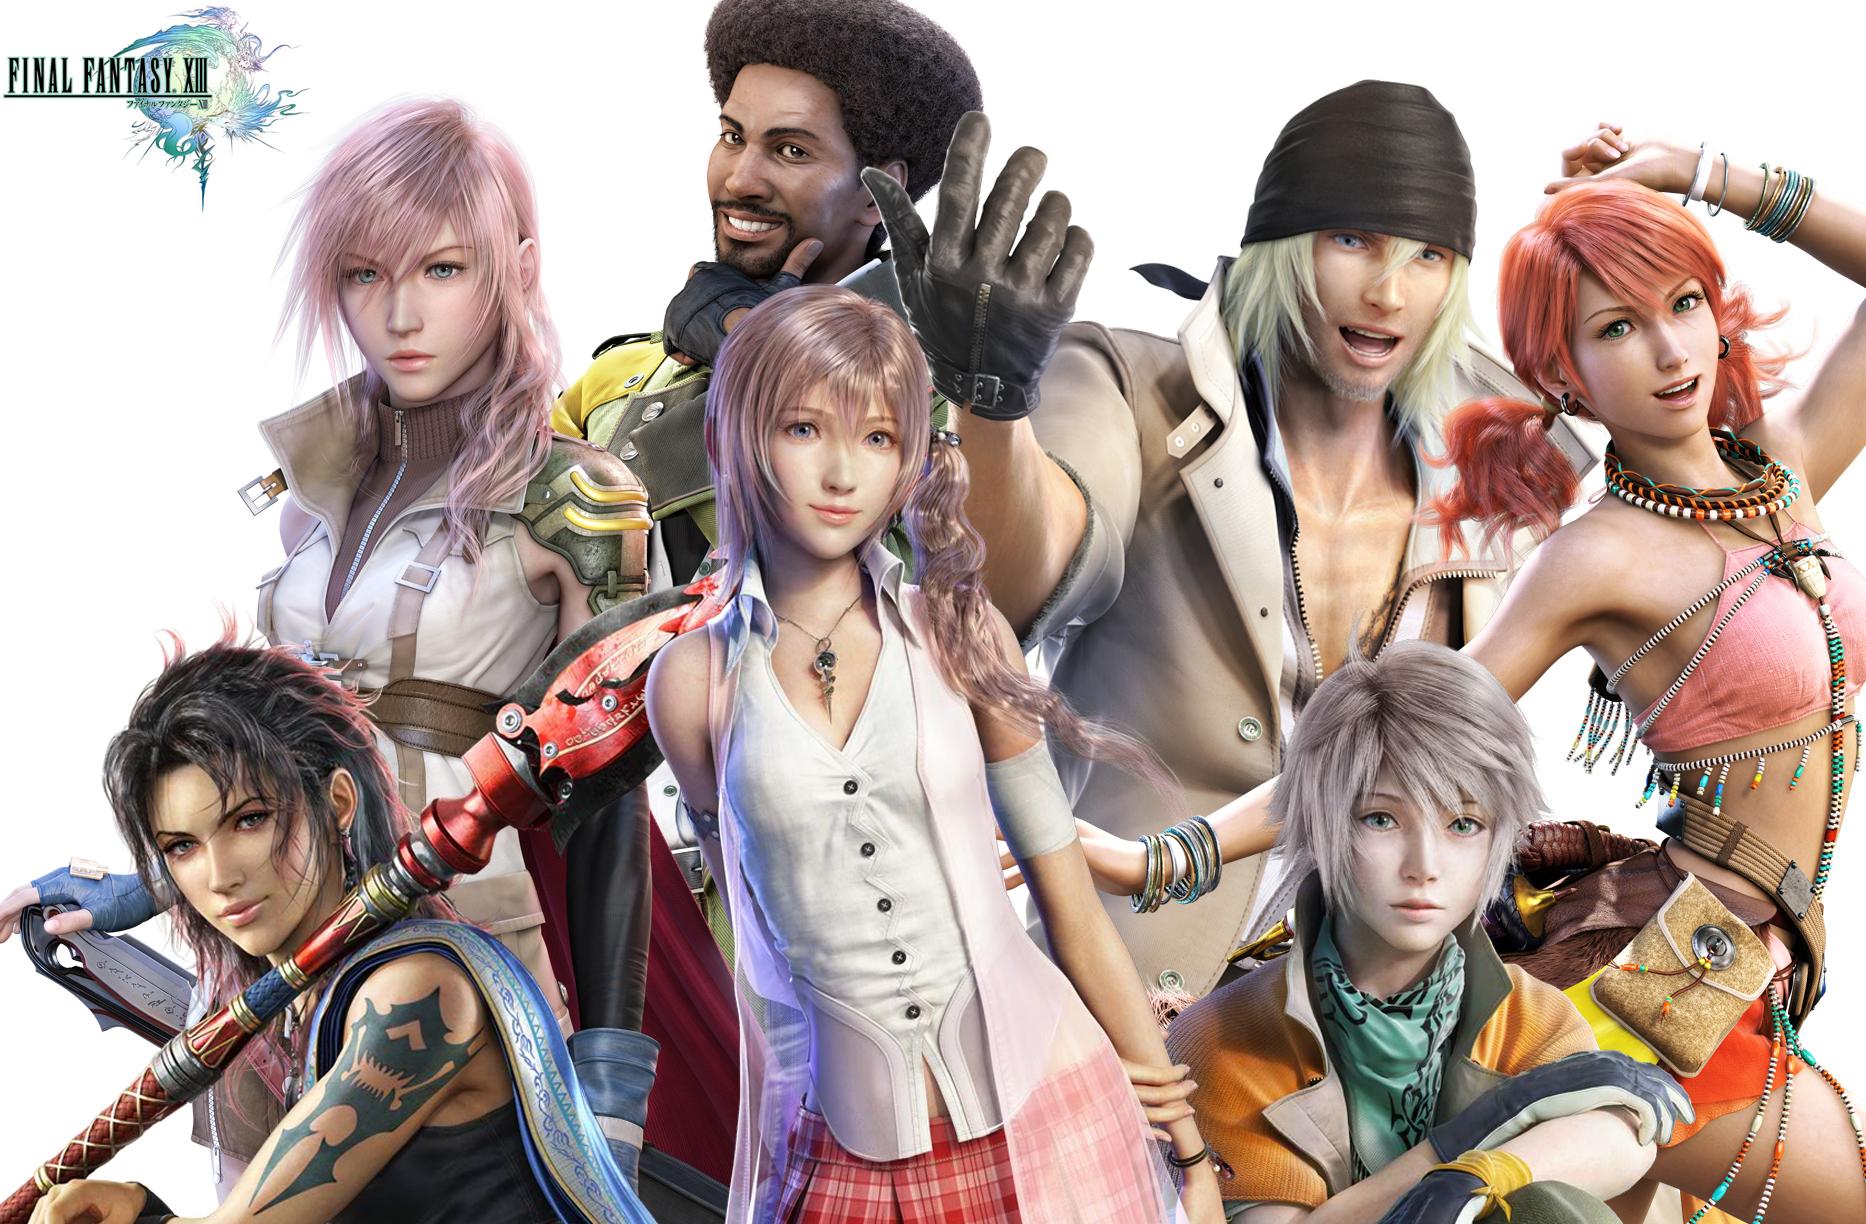 All final fantasy main characters - photo#24